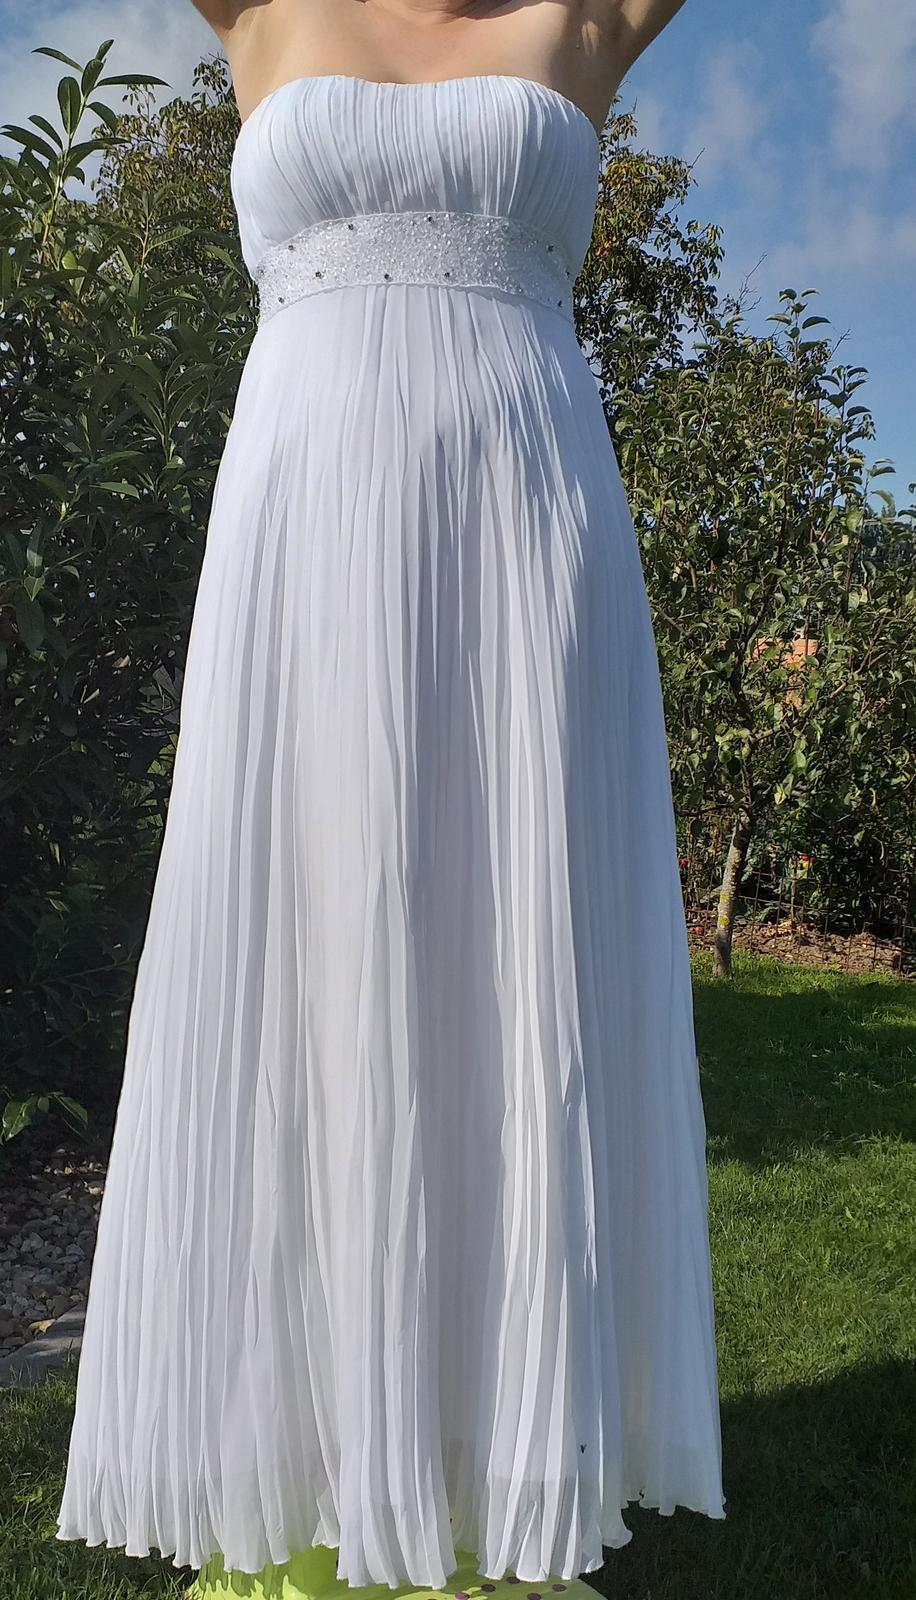 Překrásné svatební šaty v řeckém, antickém stylu - Obrázek č. 1